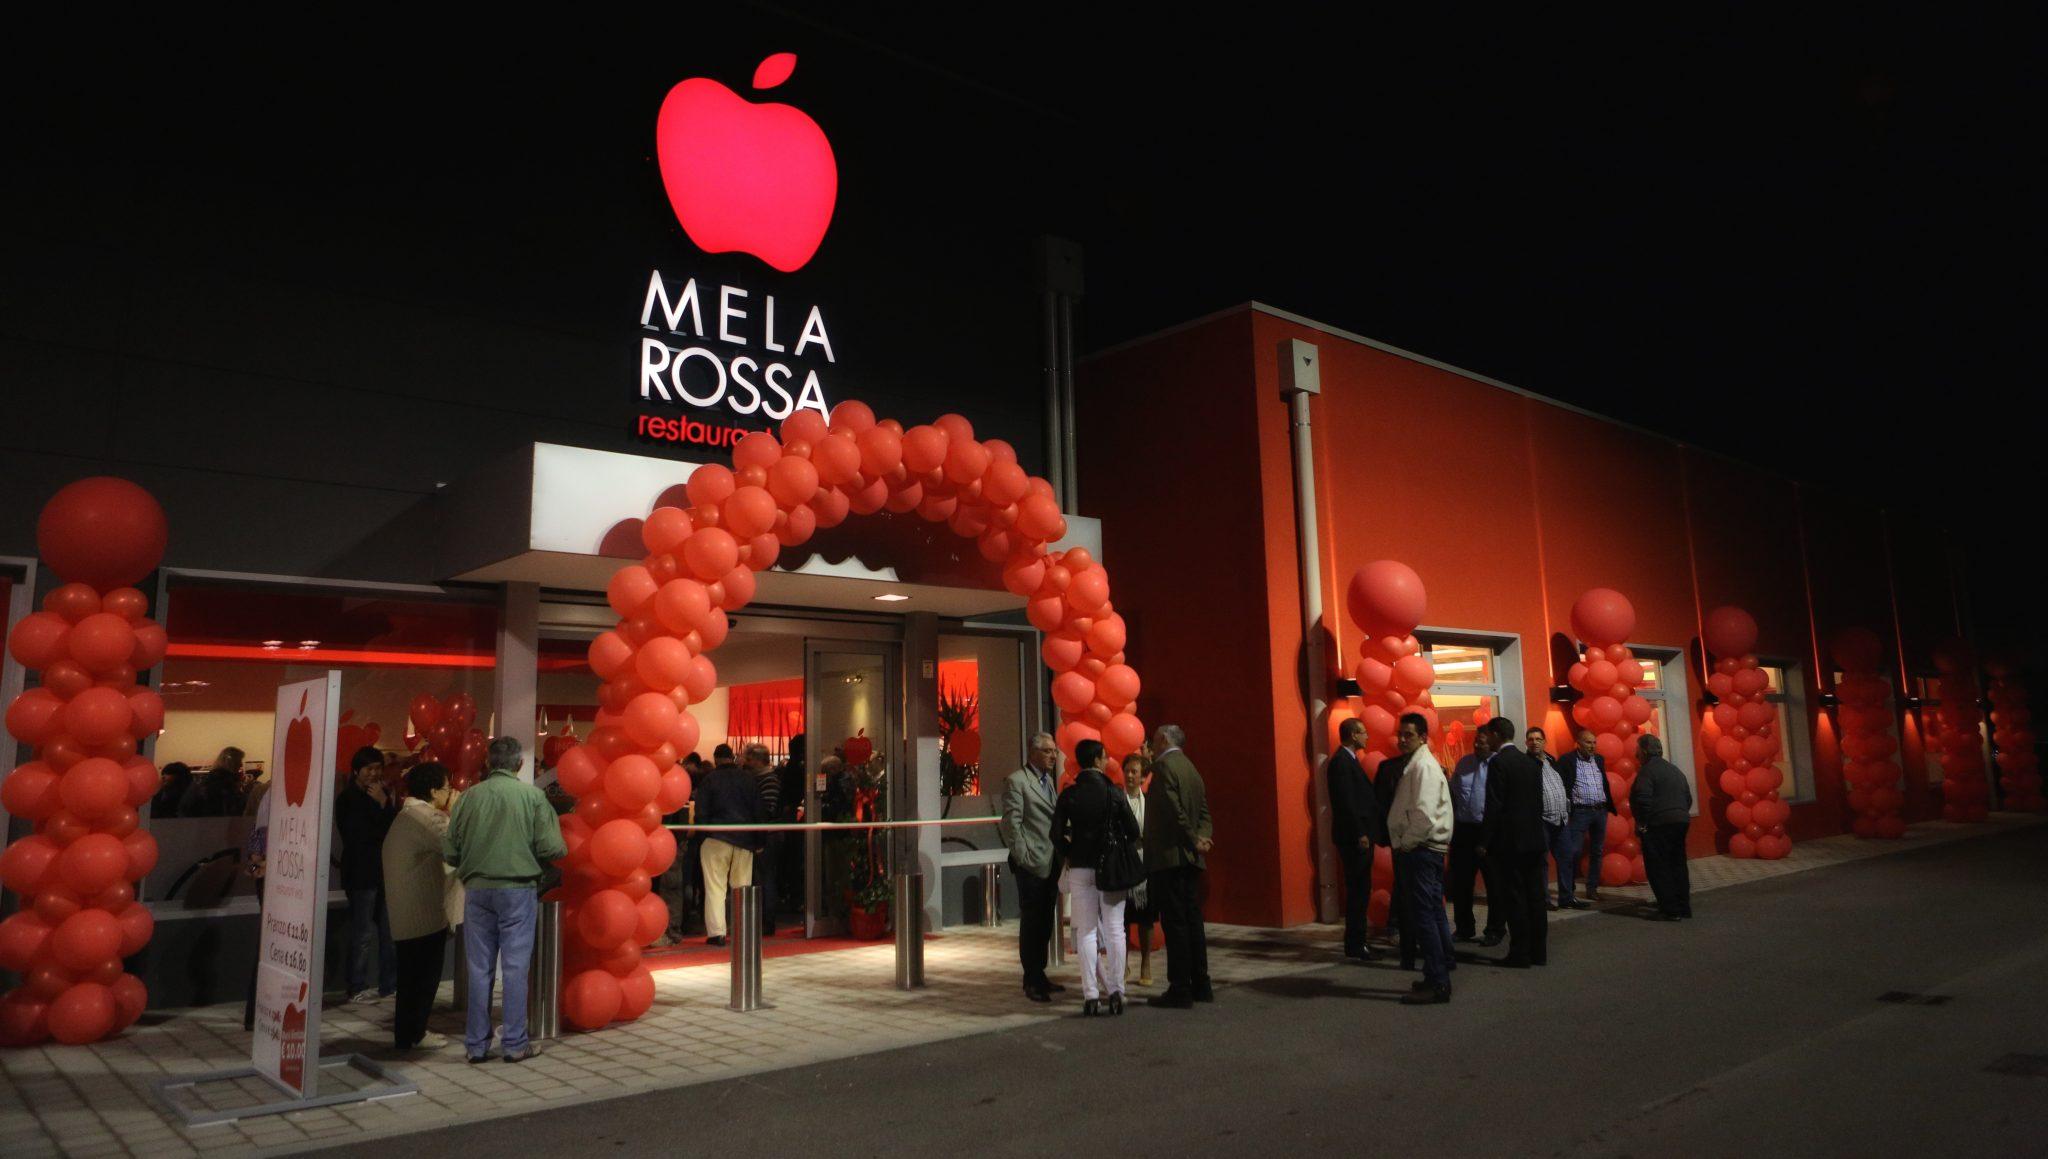 Palloncini personalizzati per l'inaugurazione del ristorante Mela Rossa